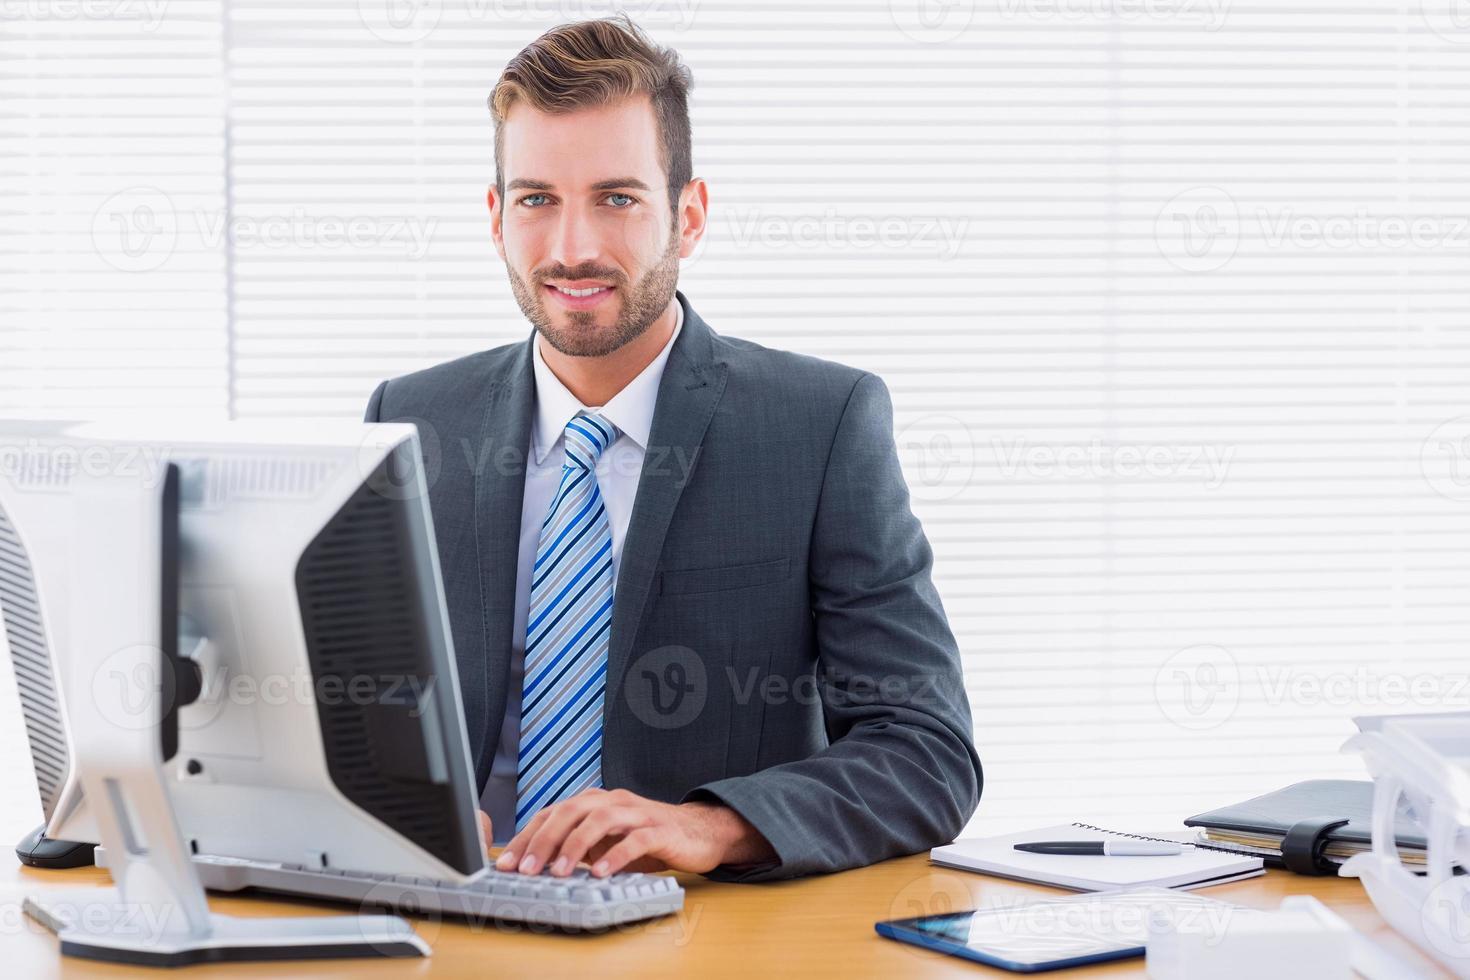 jeune, homme affaires, utilisation, informatique, bureau, bureau photo